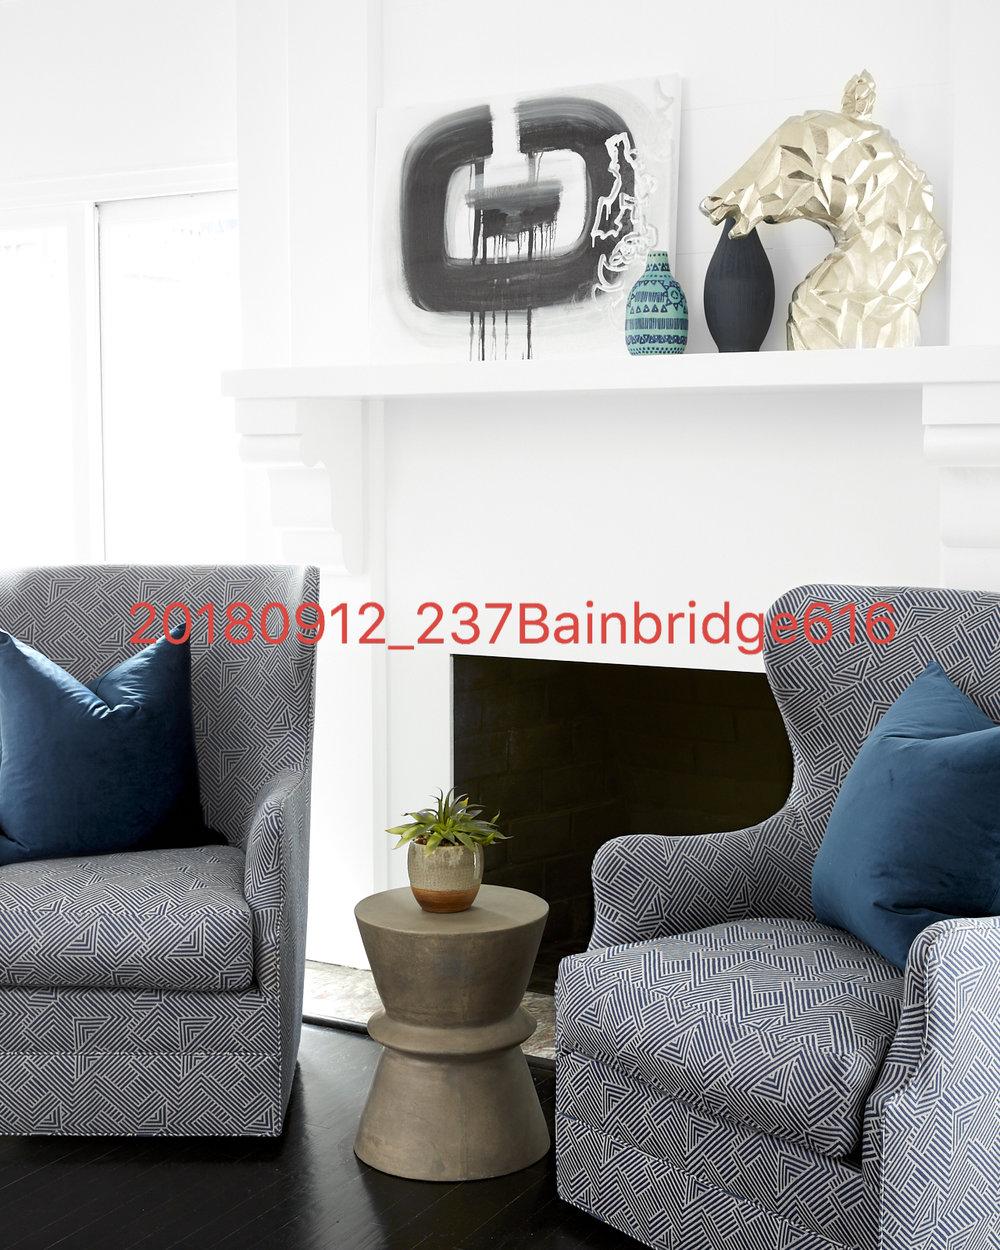 Bainbridge Sample_Web Gallery_144.jpg